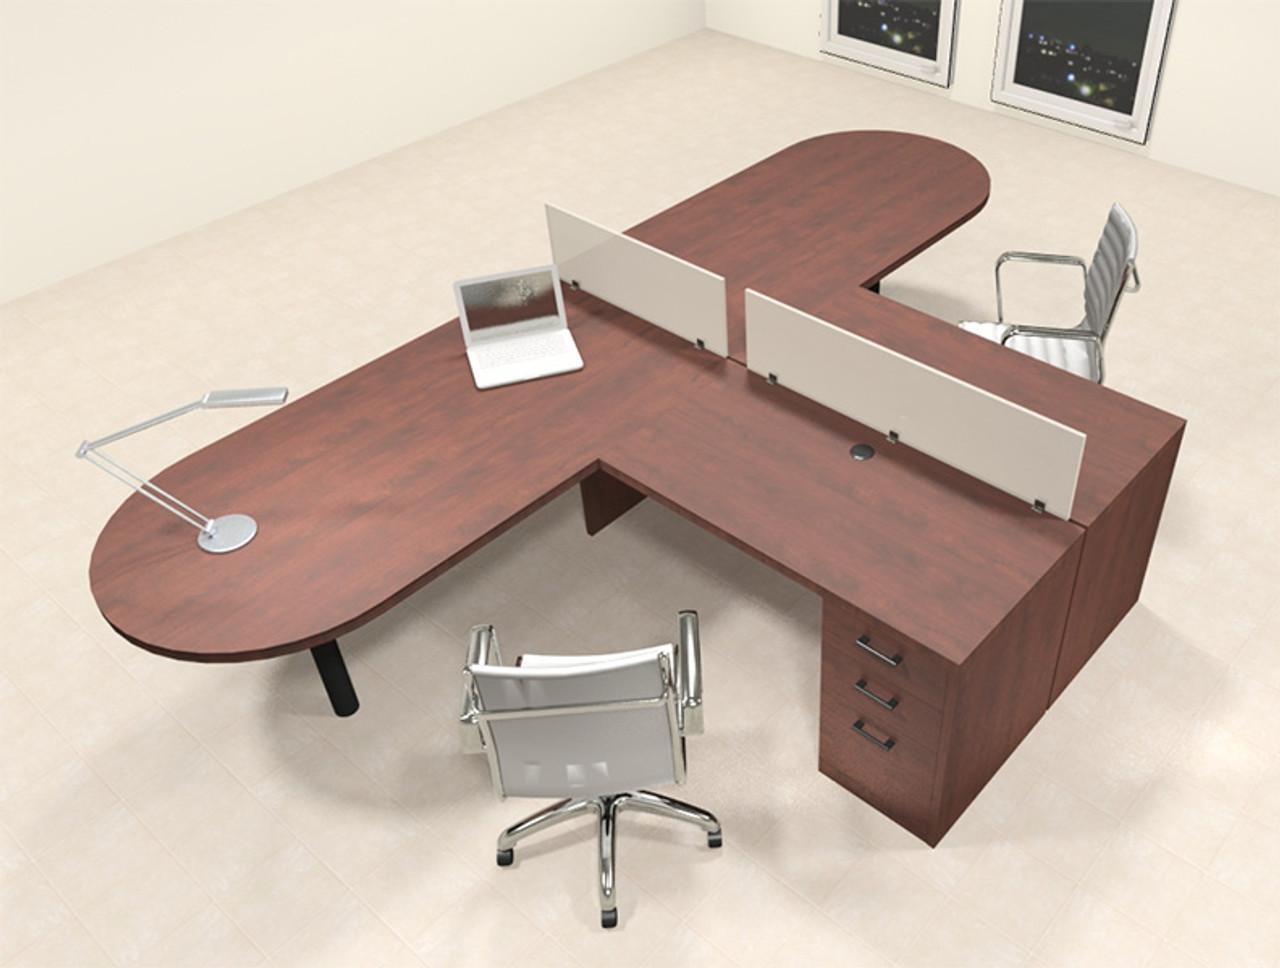 Two Person L Shaped Modern Divider Office Workstation Desk Set Ch Amb Sp16 H2o Furniture